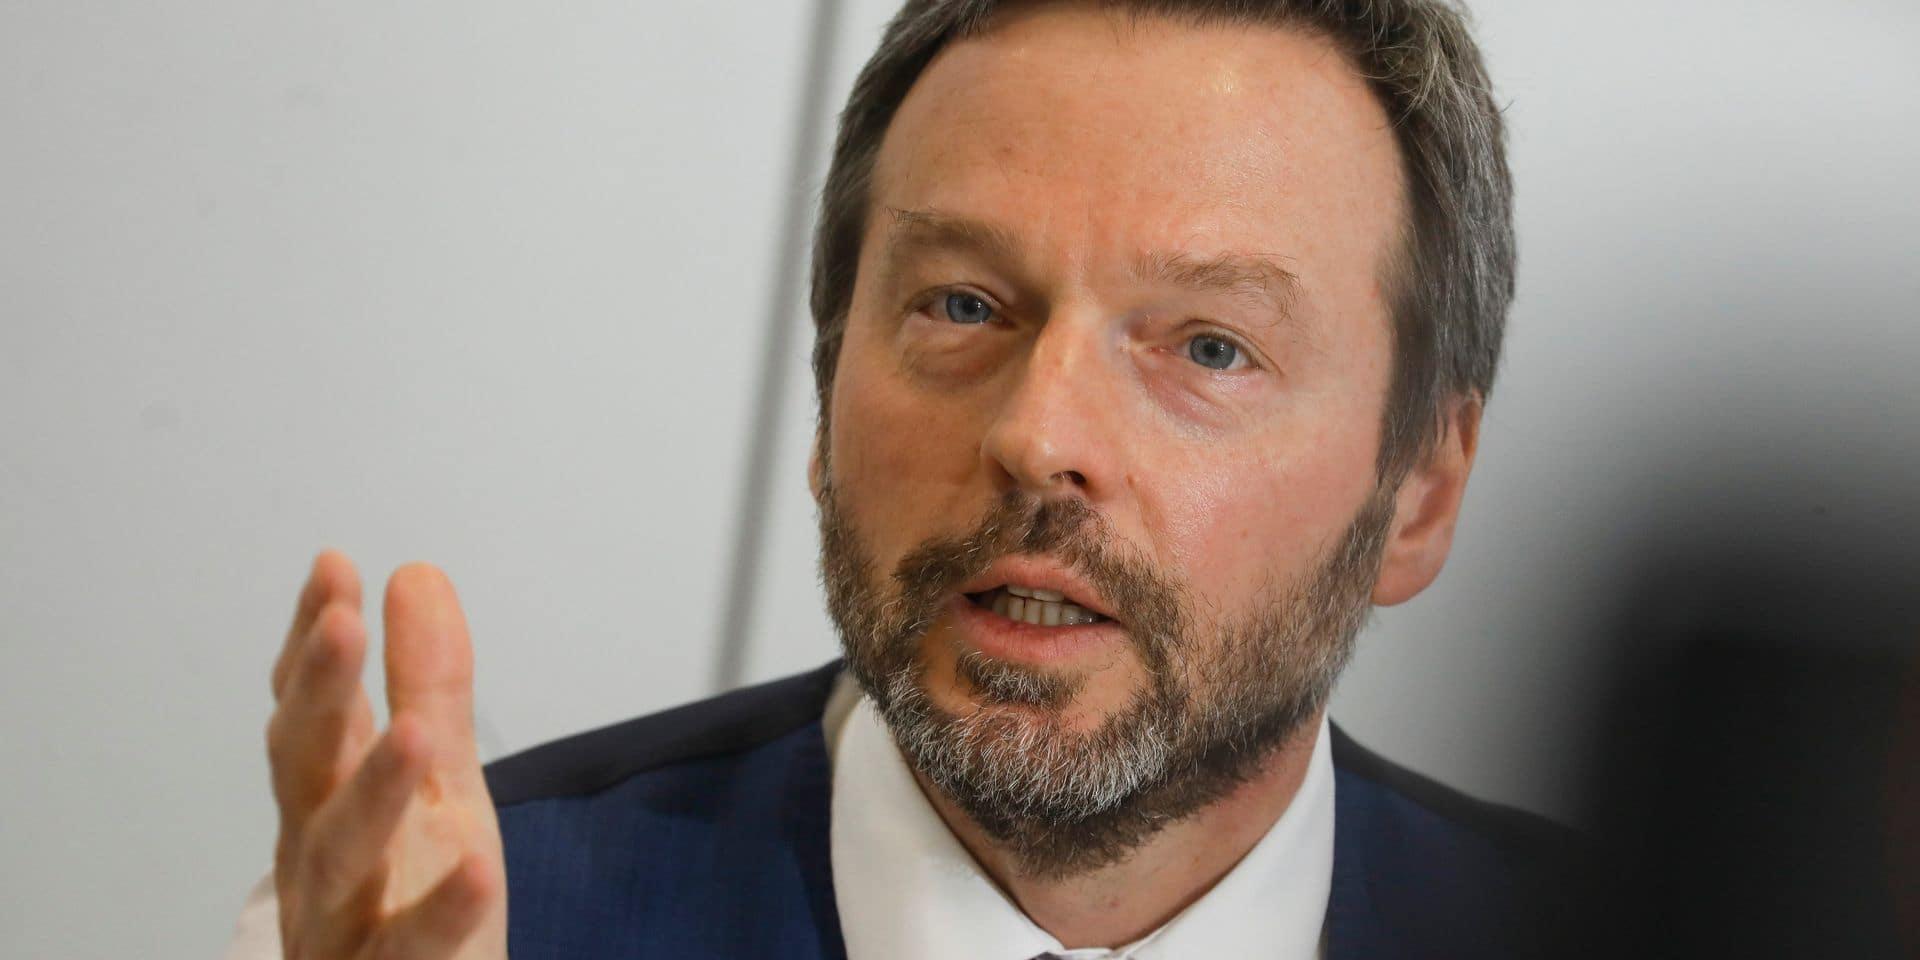 """""""La Wallonie plus proche d'un régime communiste que néo-libéral"""": Pierre Wunsch revient sur ses propos polémiques"""